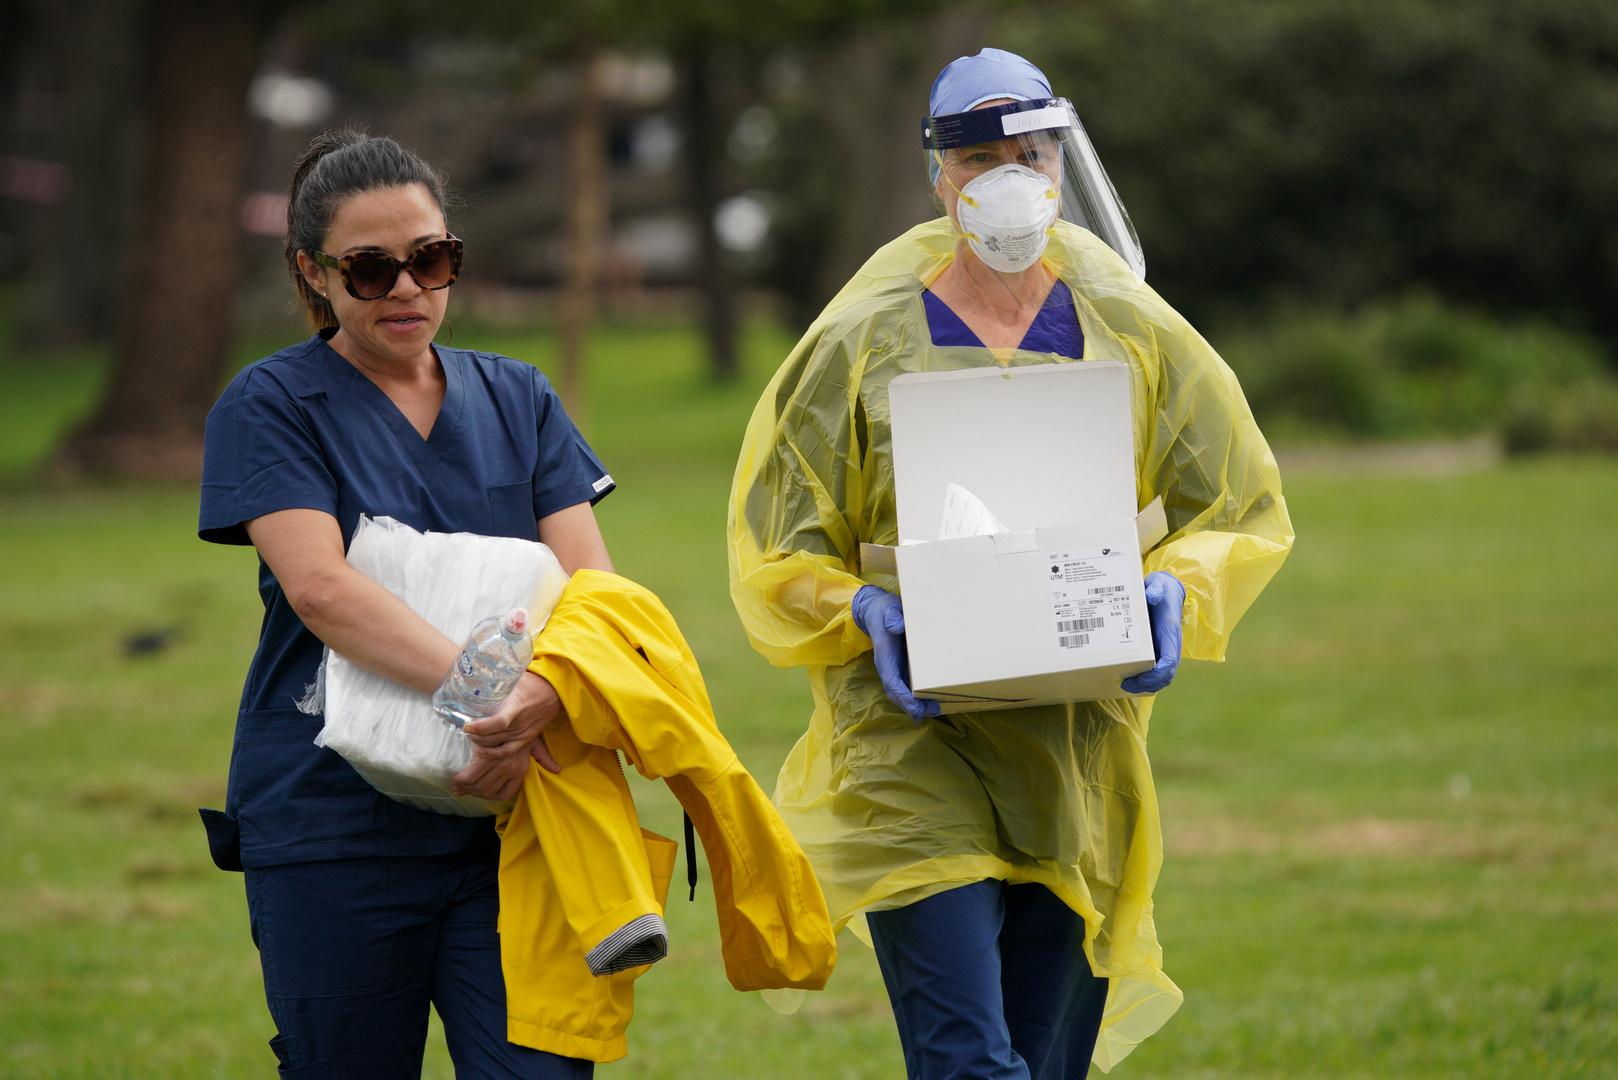 أستراليا متفائلة بنتيجة معركتها مع الفيروس التاجي